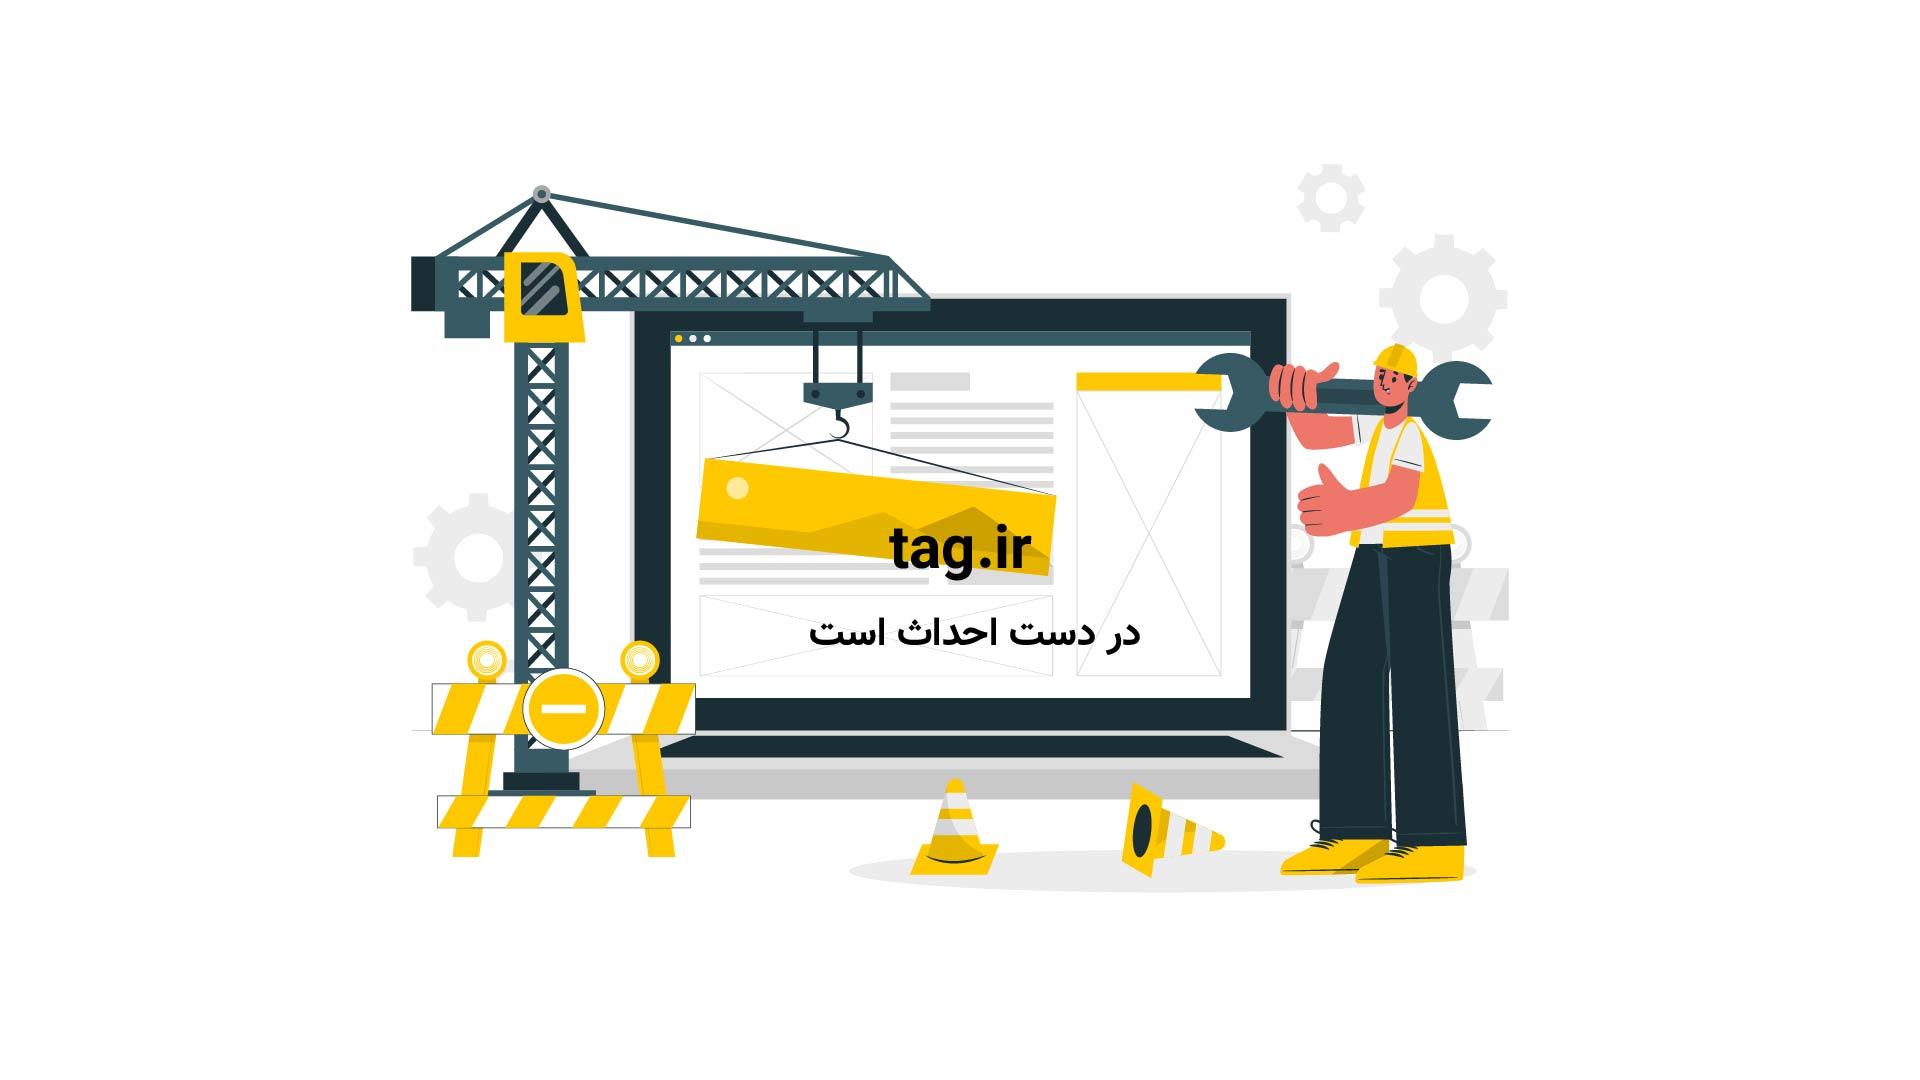 عناوین روزنامه های صبح سه شنبه 30 خرداد   فیلم